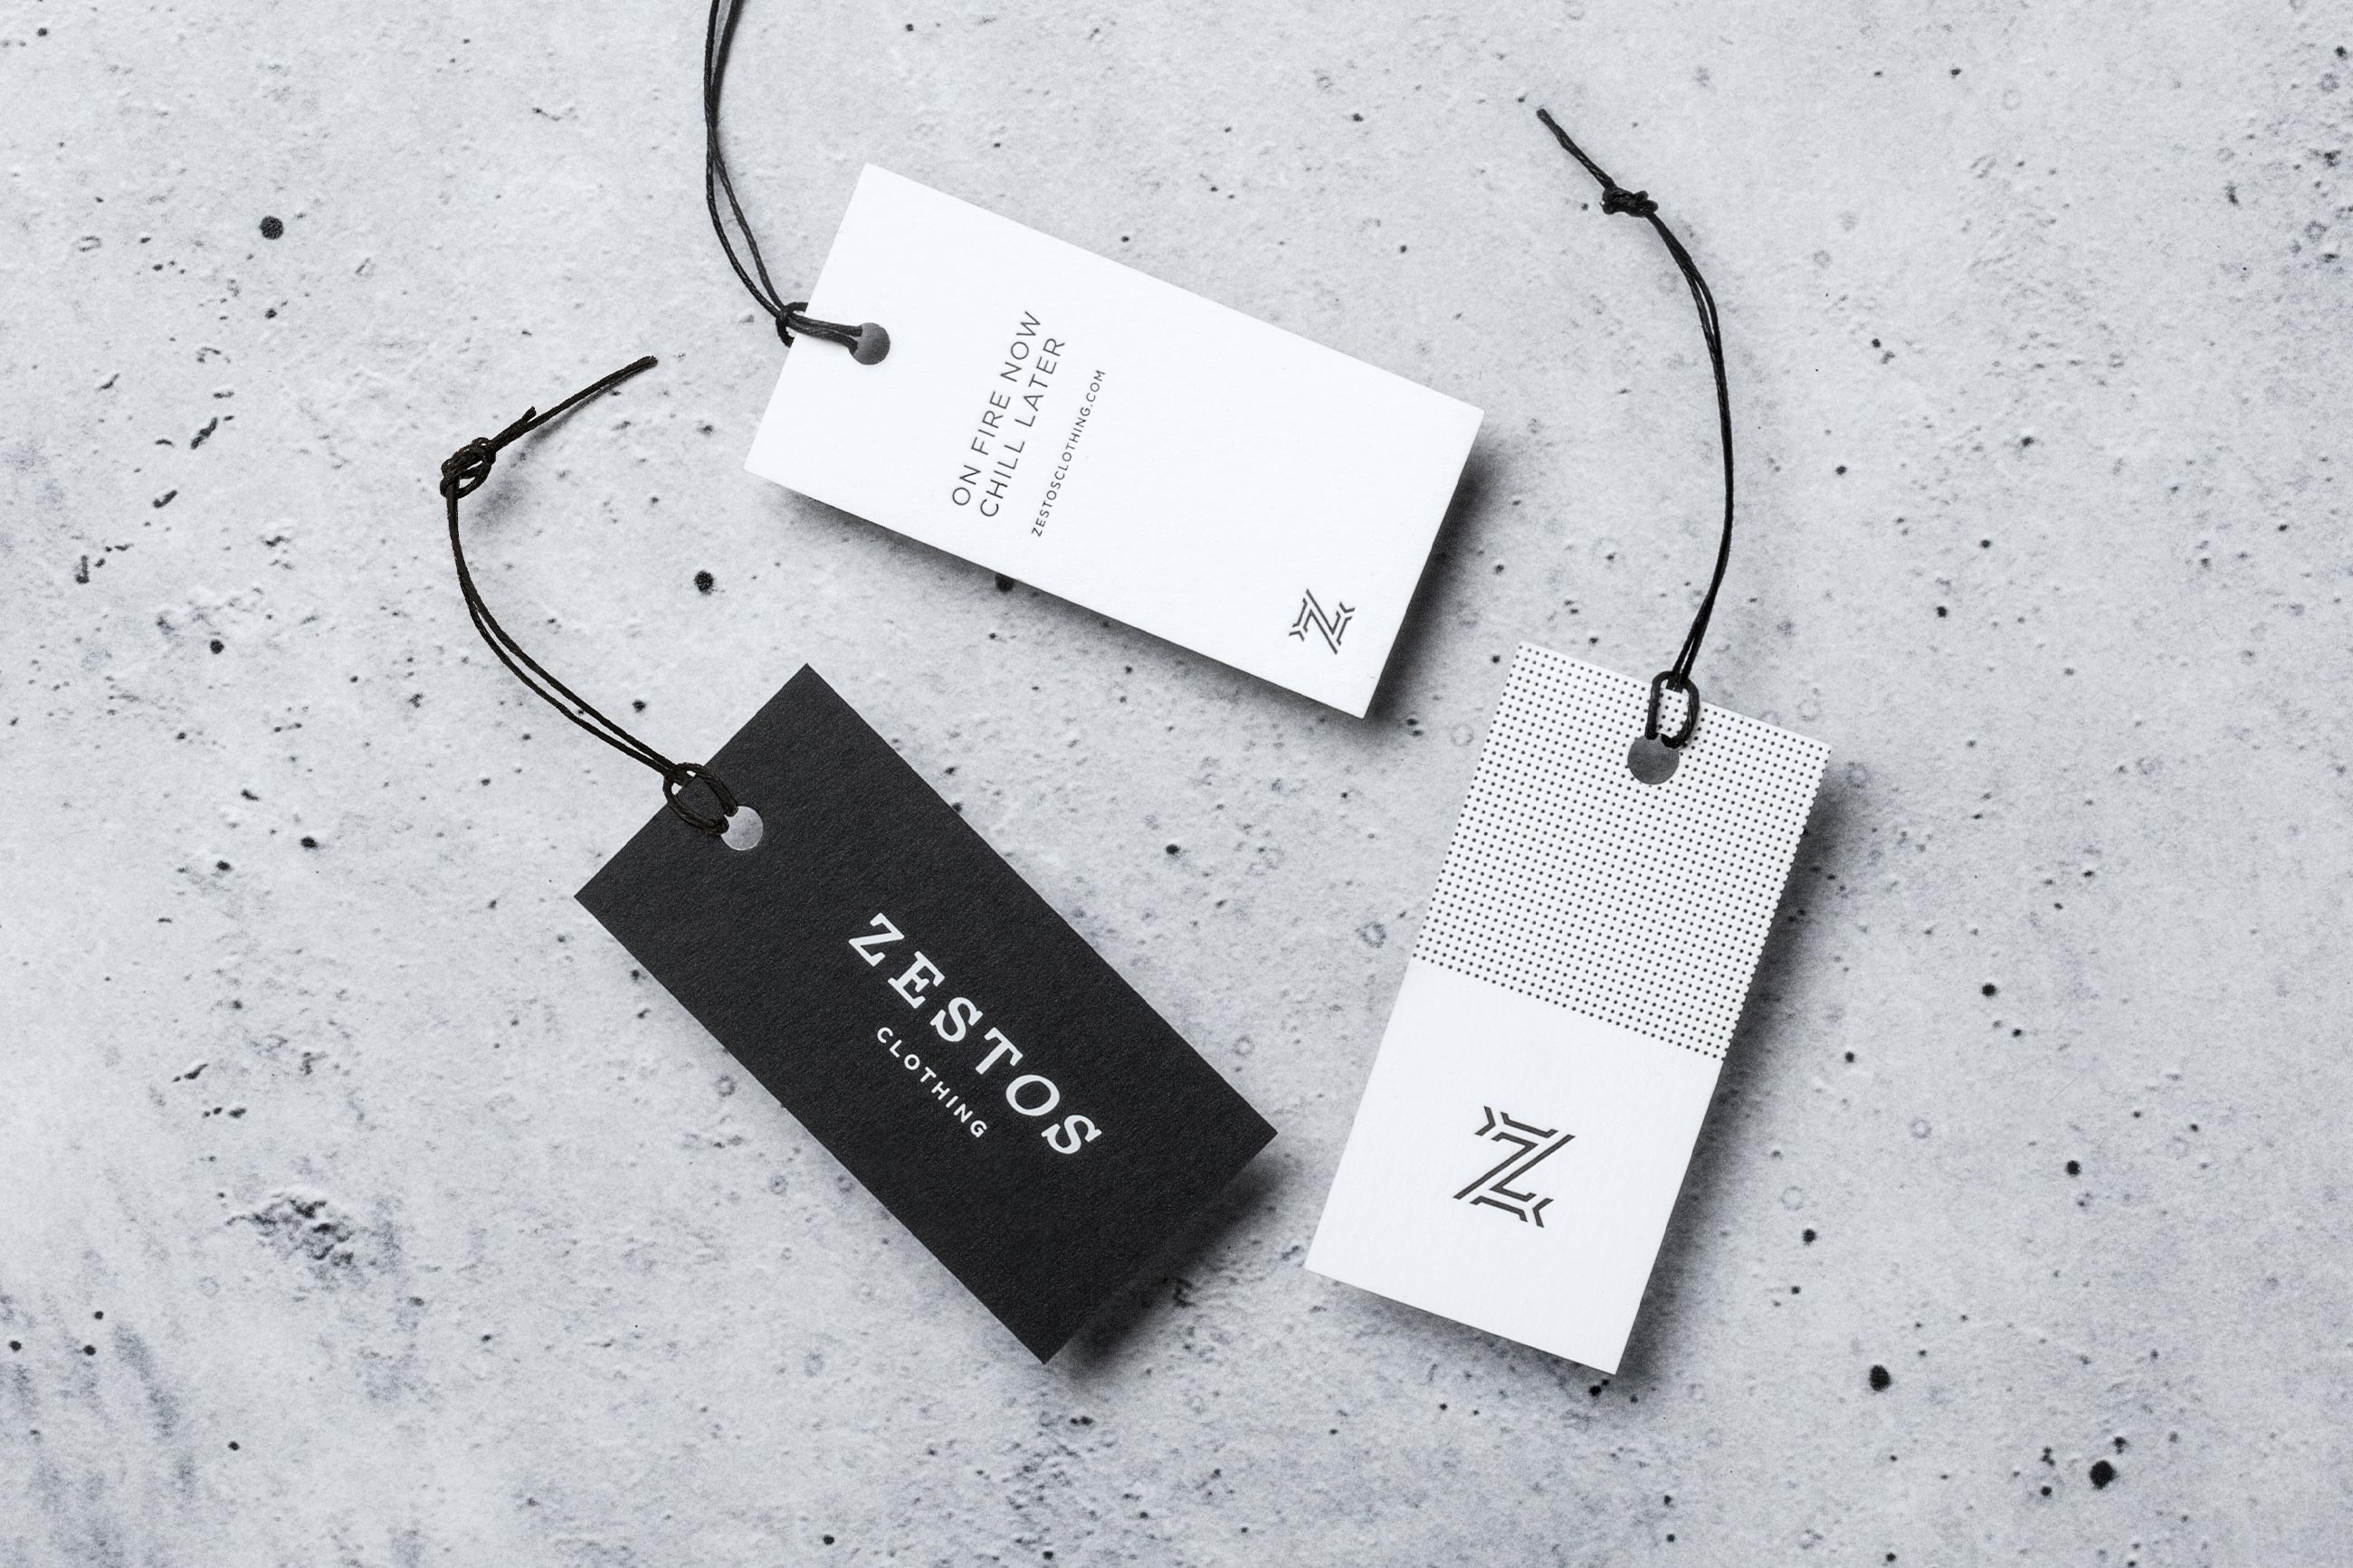 Zestos_SocialMosaic-Clothes_Tags